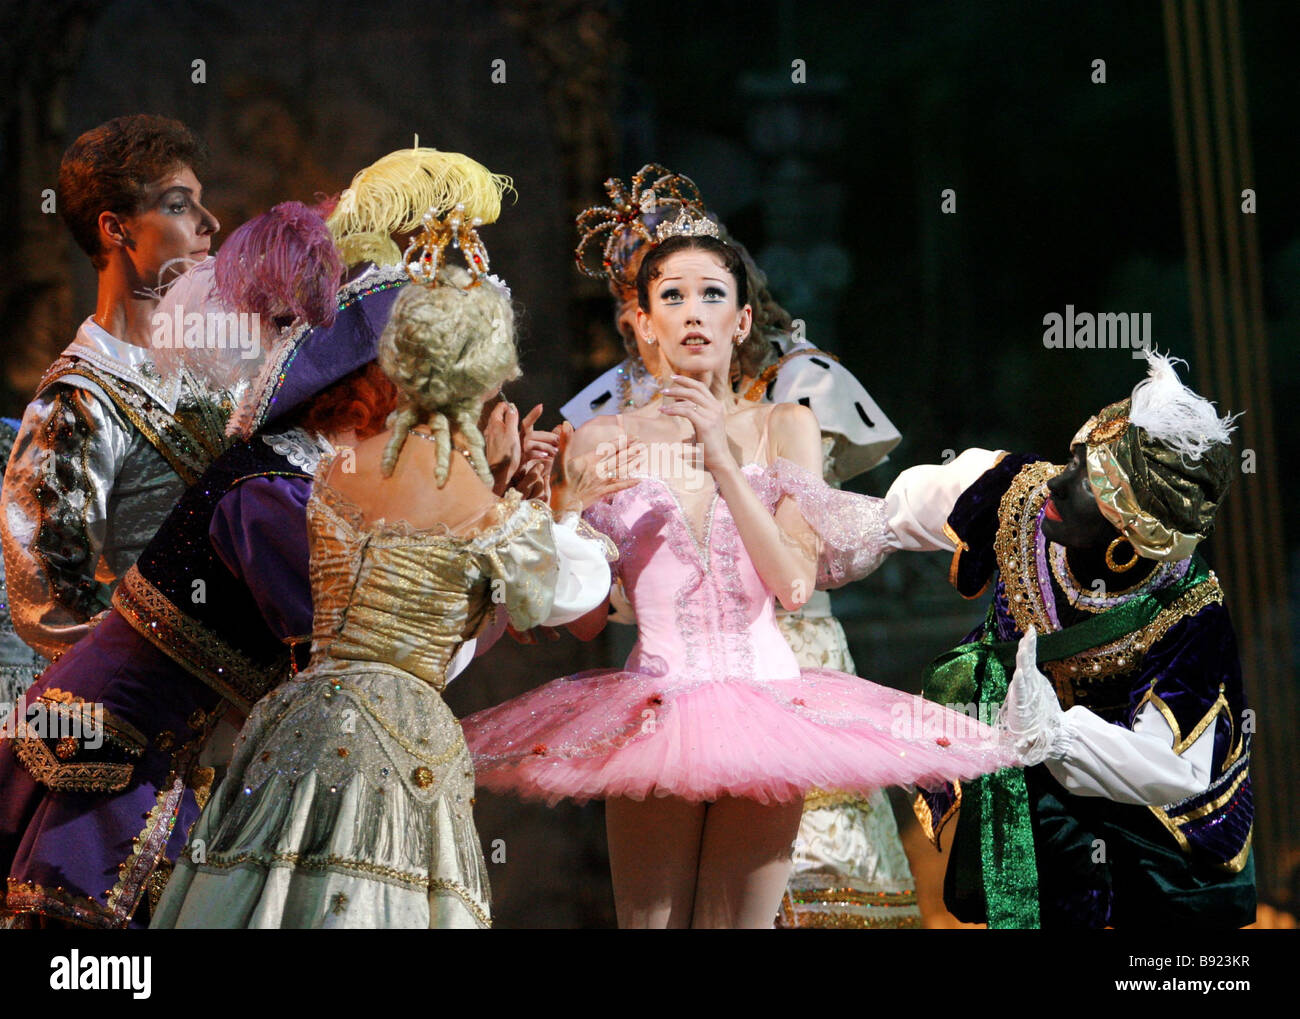 Uraufführung der Neufassung des Balletts Dornröschen von Peter Tschaikowsky produziert von akademischen Stockbild